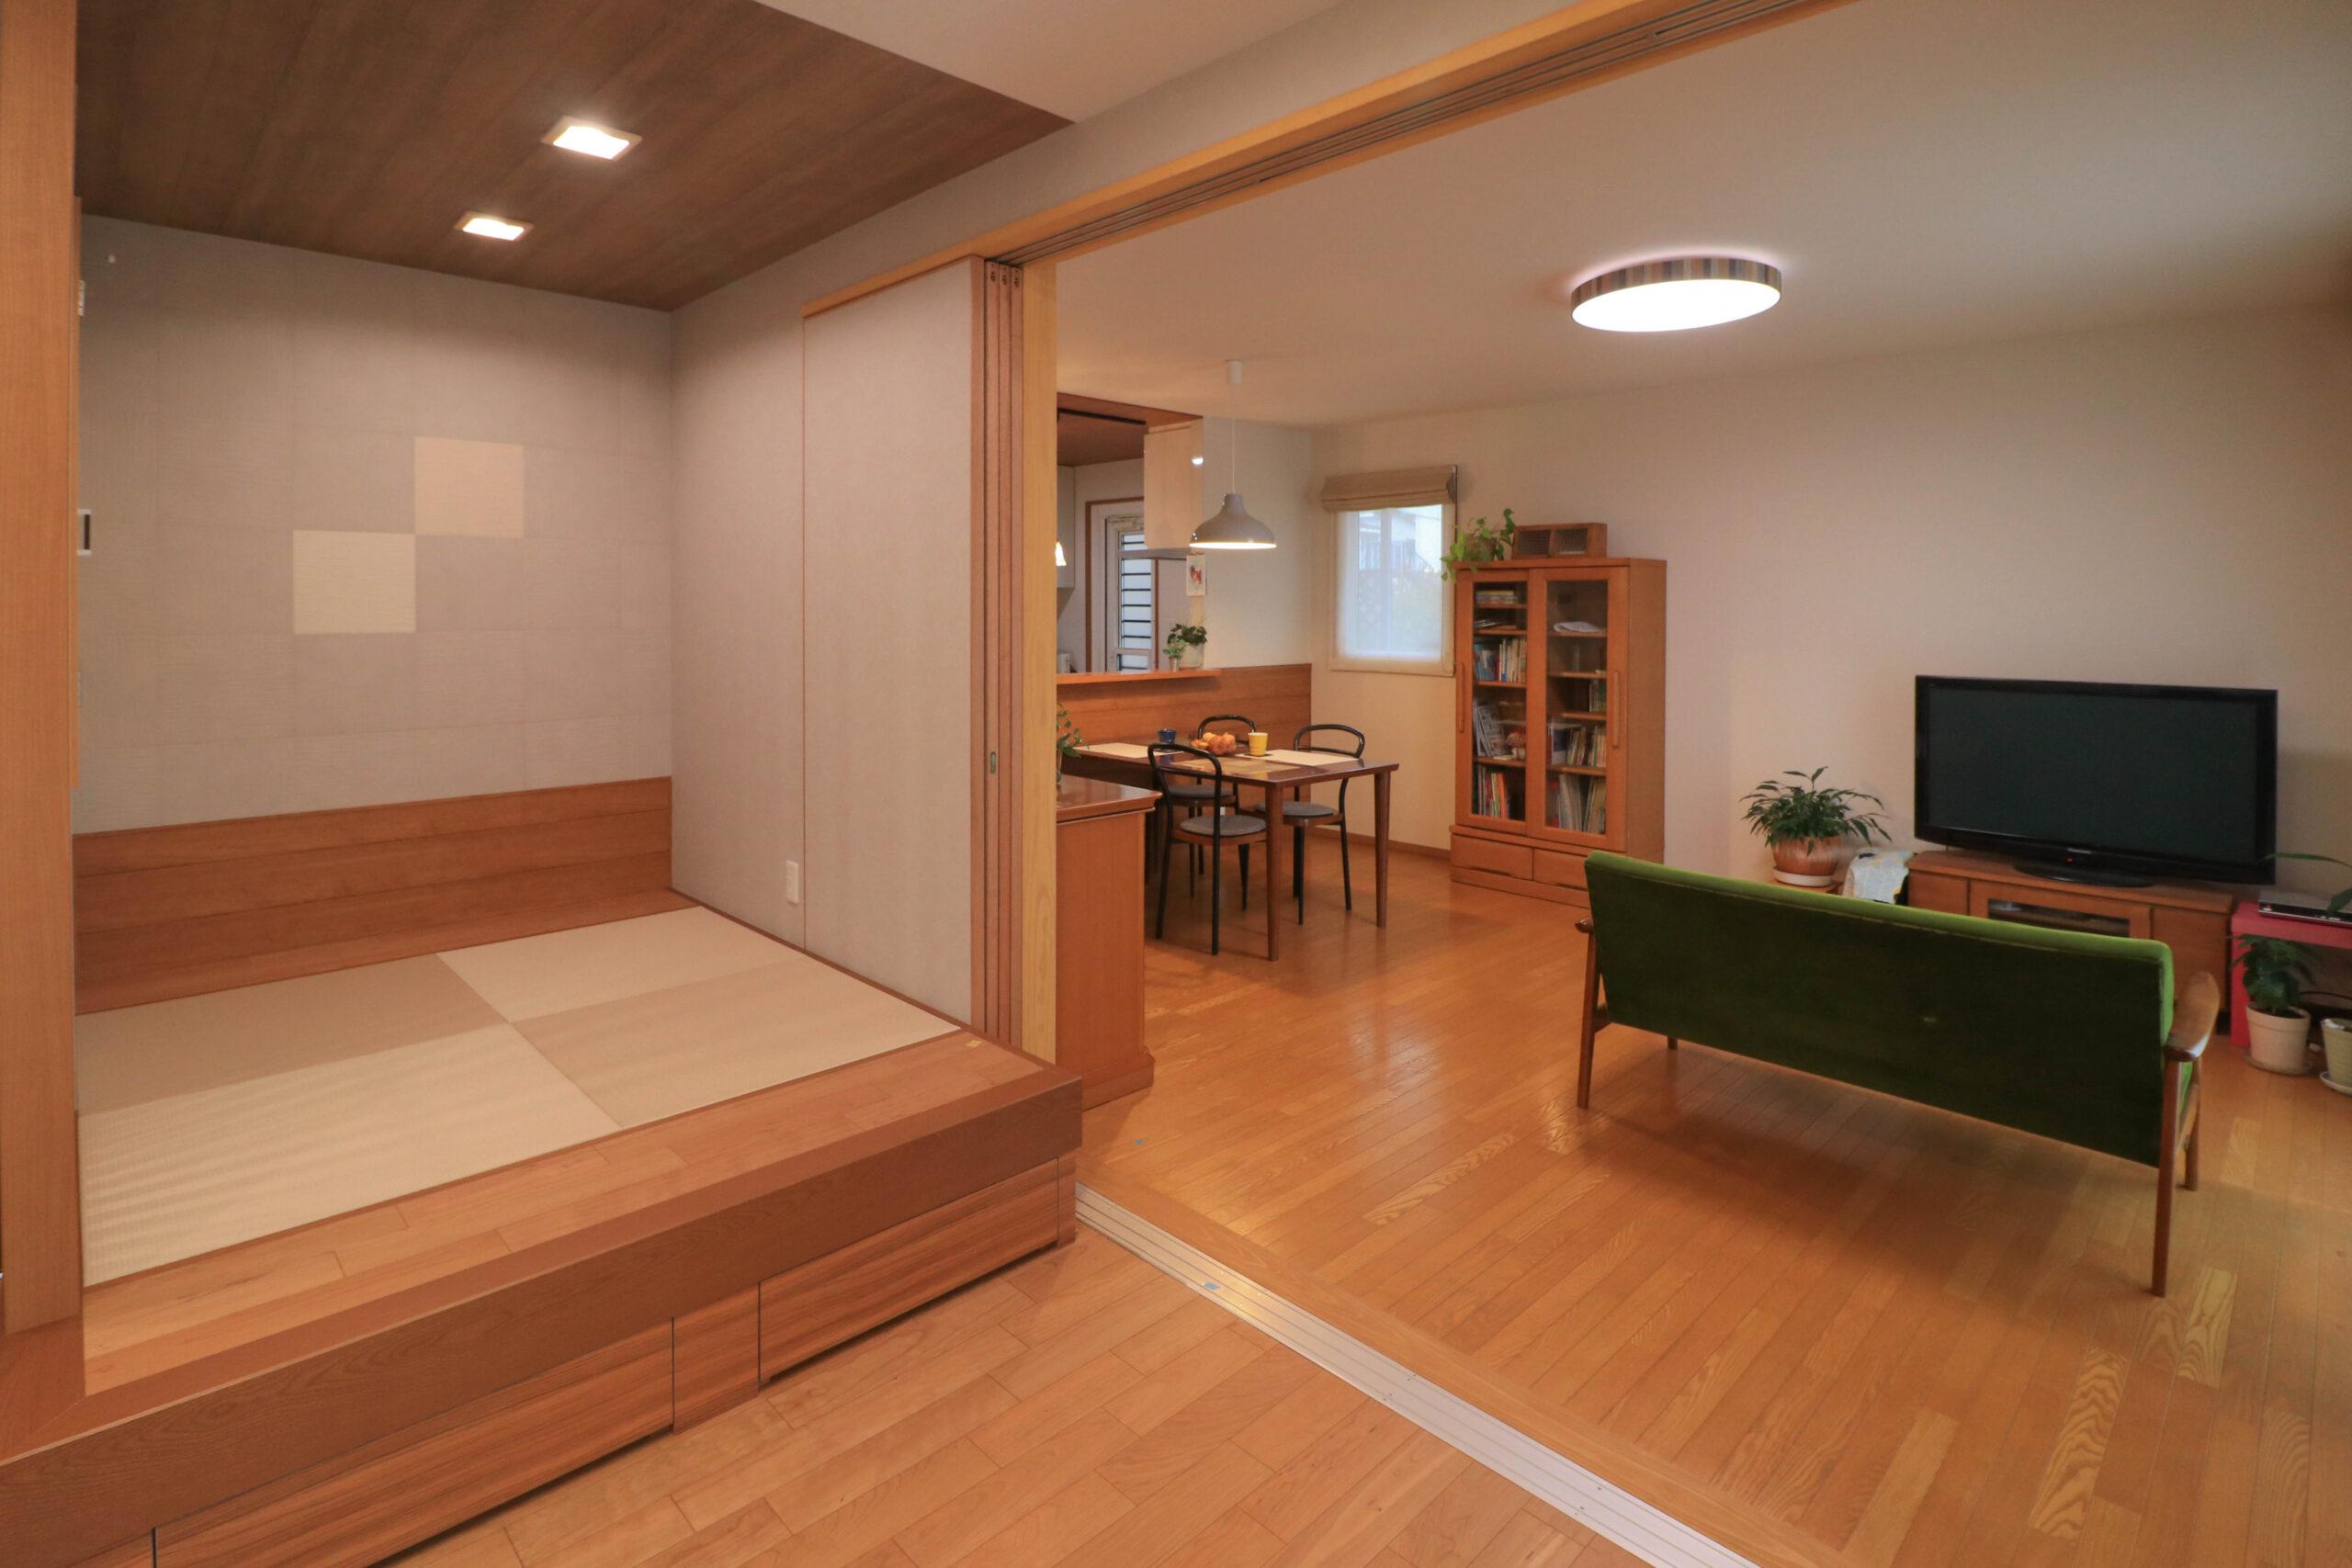 佐賀市鍋島町 K様 住宅改修工事『好きに囲まれたセカンドライフ』